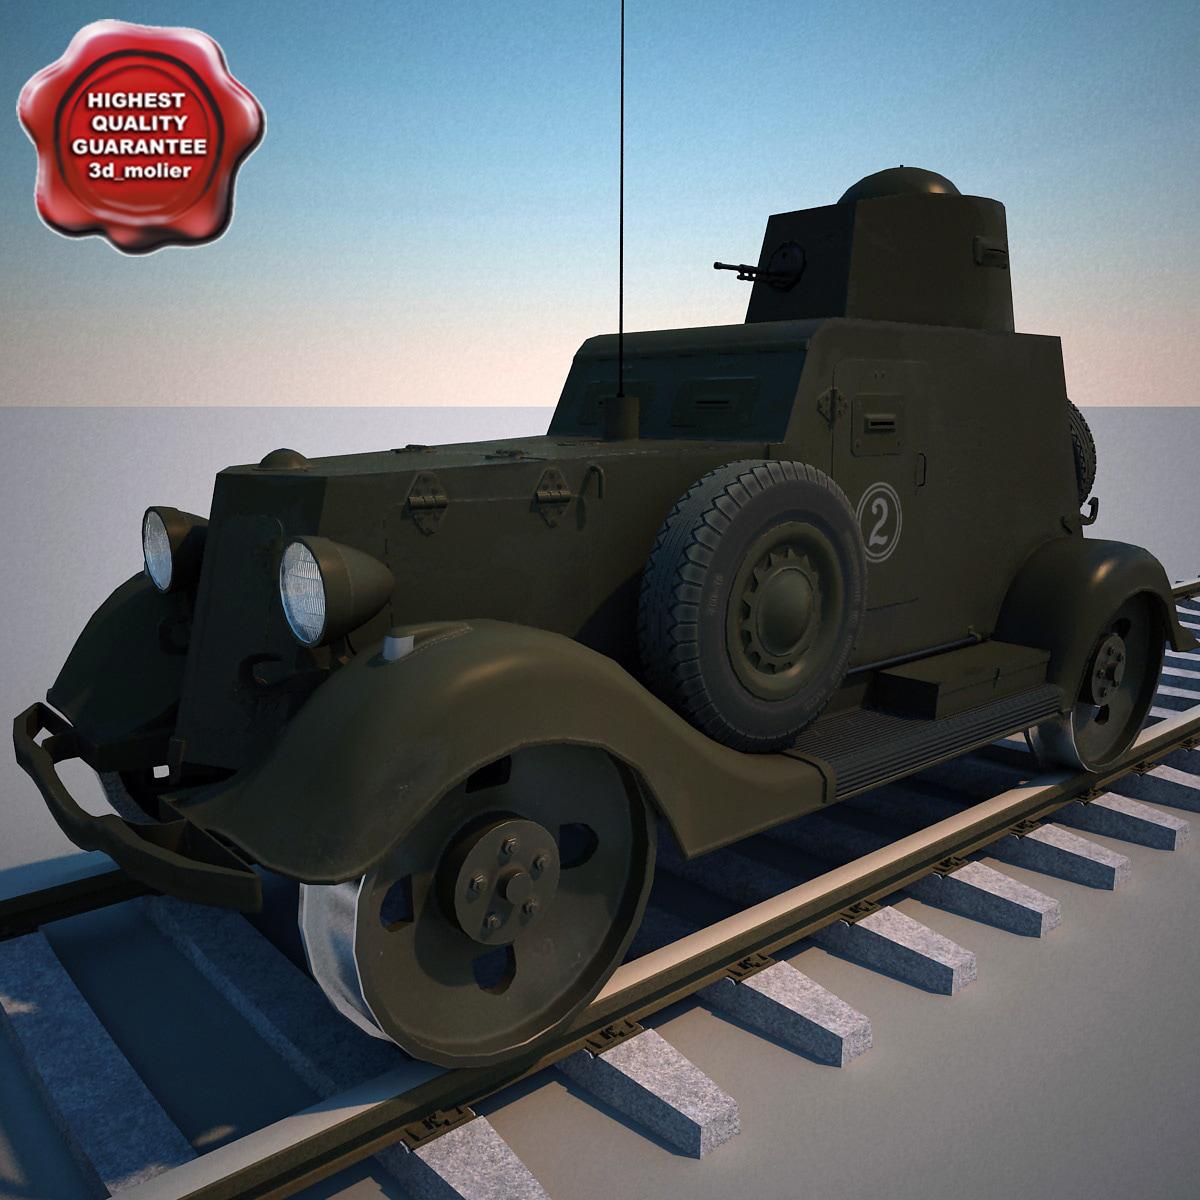 armored car ba-20m zhd max